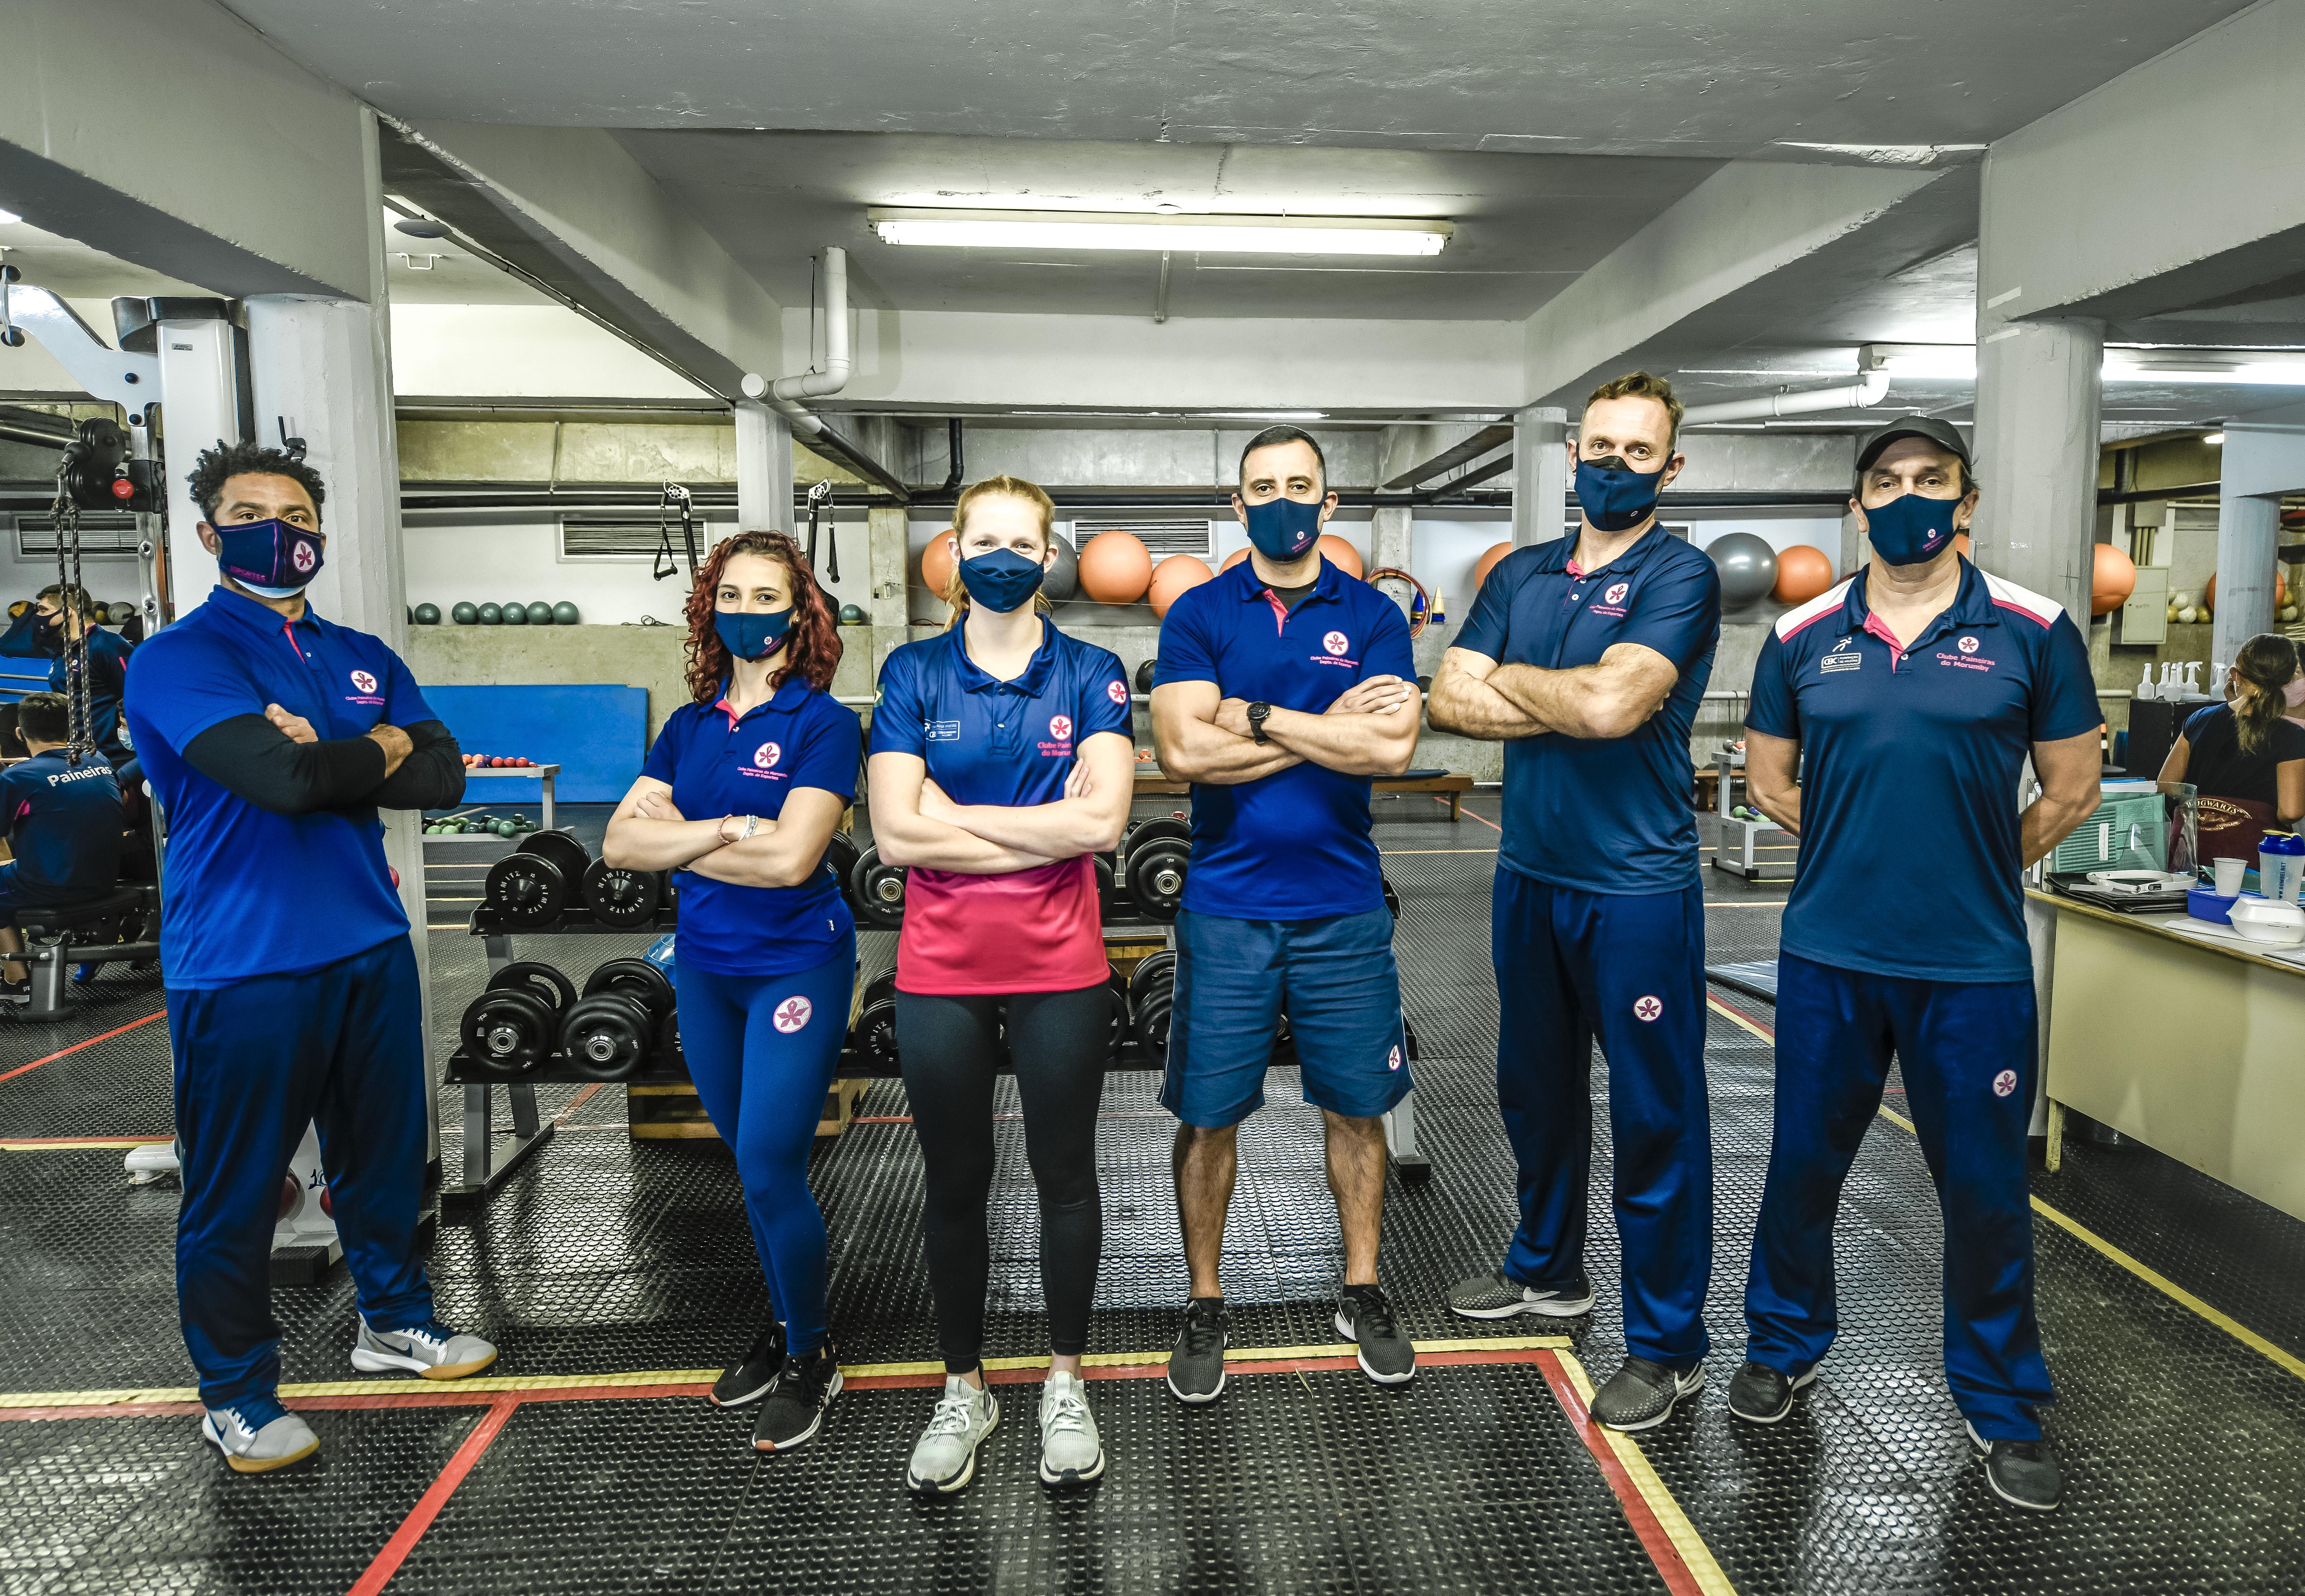 A imagem mostra Stephanie e outras pessoas com uniforme do Paineiras em uma academia, todos de máscara e braços cruzados